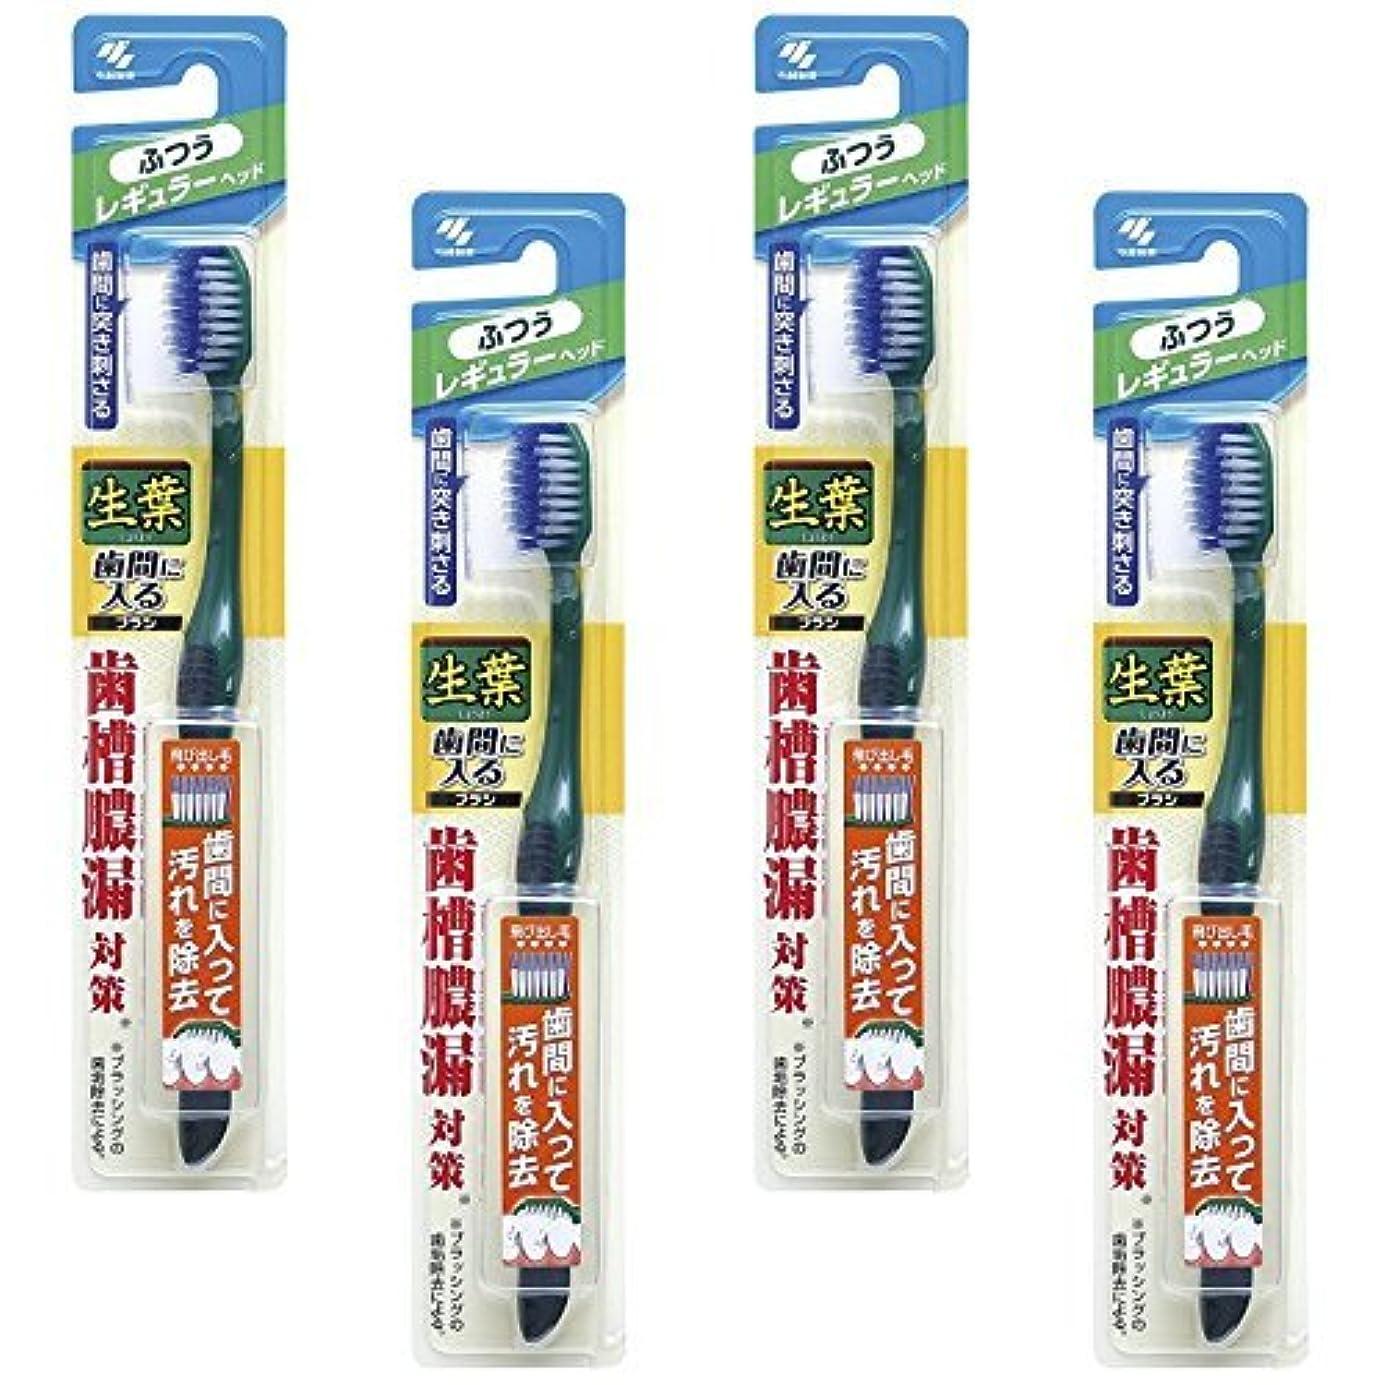 集中周辺サスペンド【まとめ買い】生葉(しょうよう)歯間に入るブラシ 歯ブラシ レギュラー ふつう ×4個